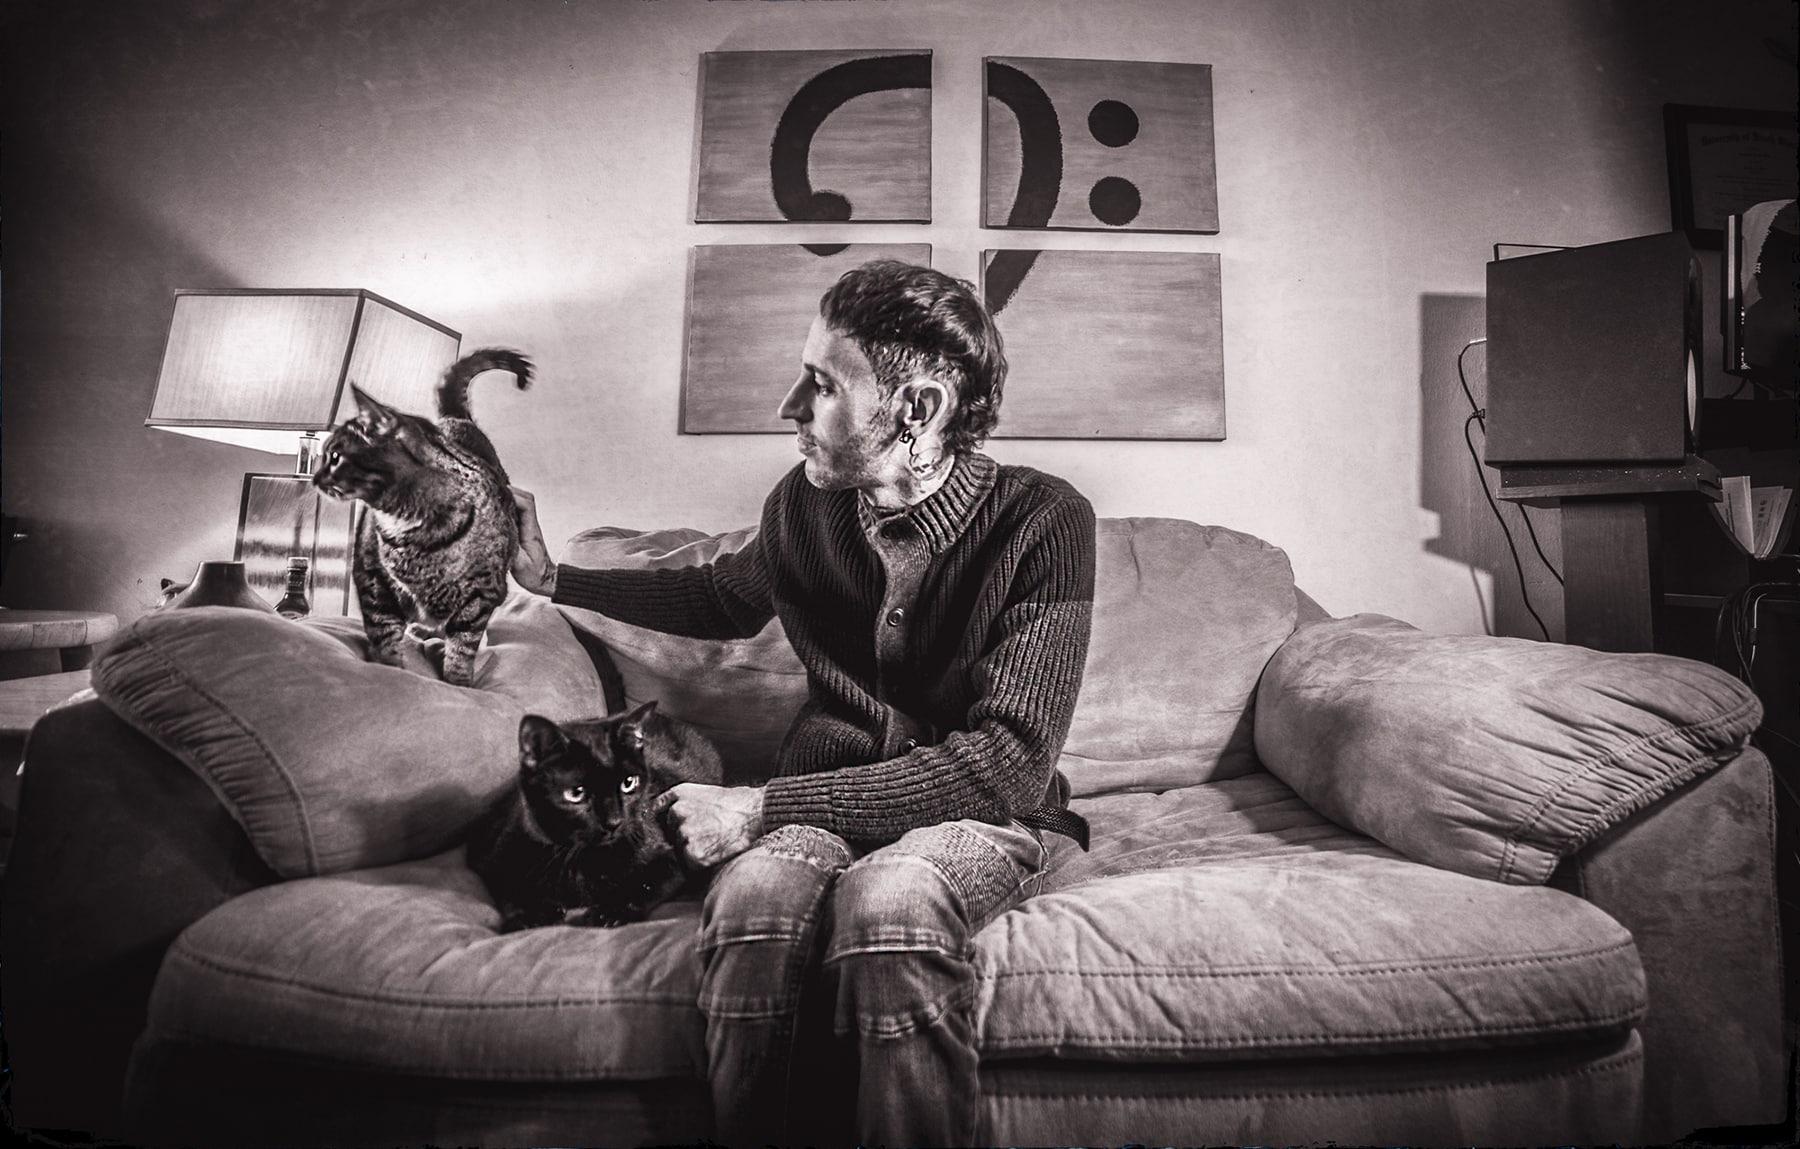 Blake_catmen-seriies-03